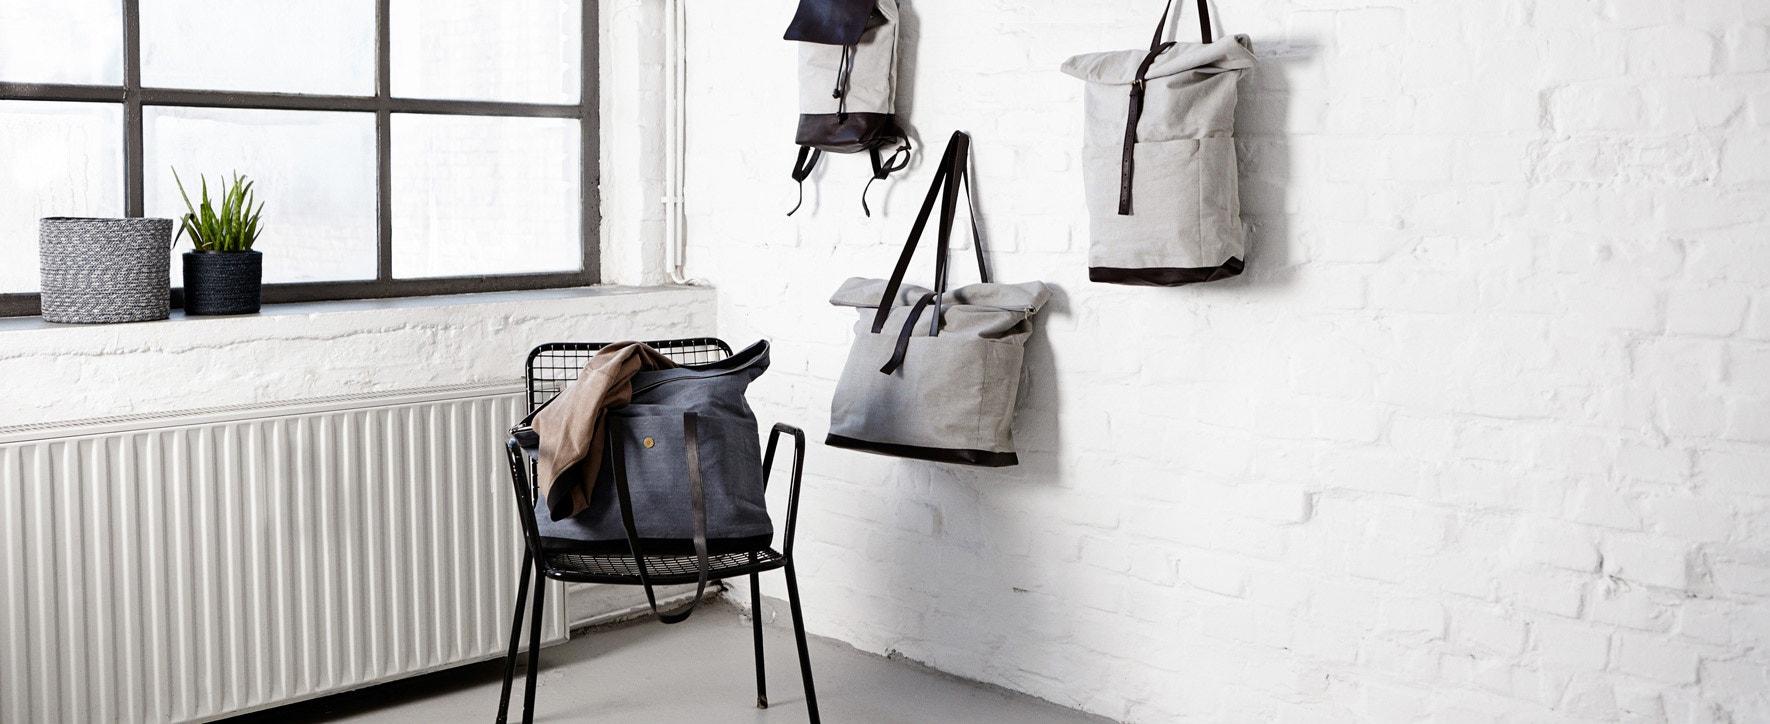 Taschen & Börsen - Foto: GEPA - The Fair Trade Company / Julia von der Heide